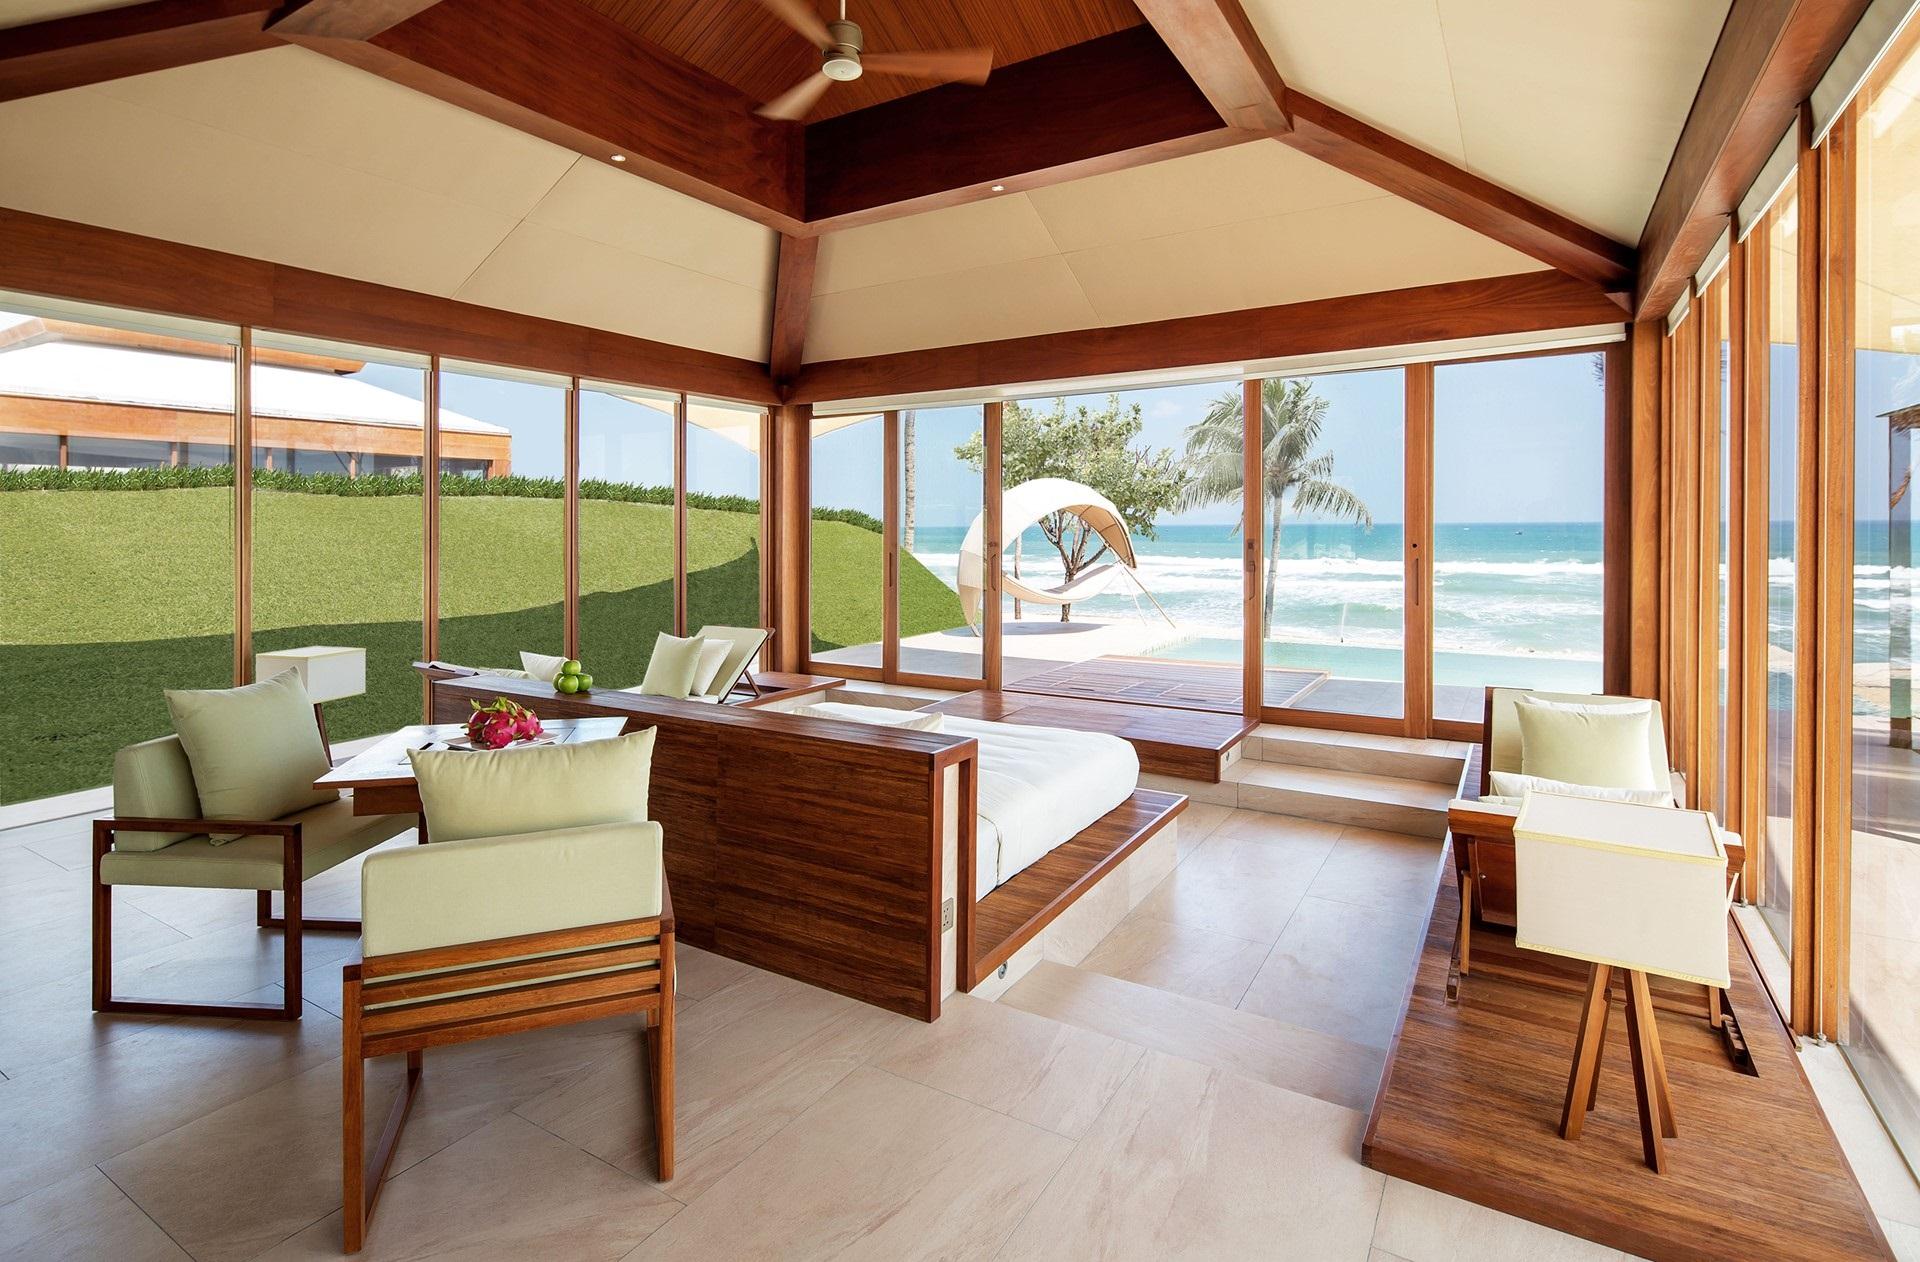 fusion-resort-cam-ranh-vietnam